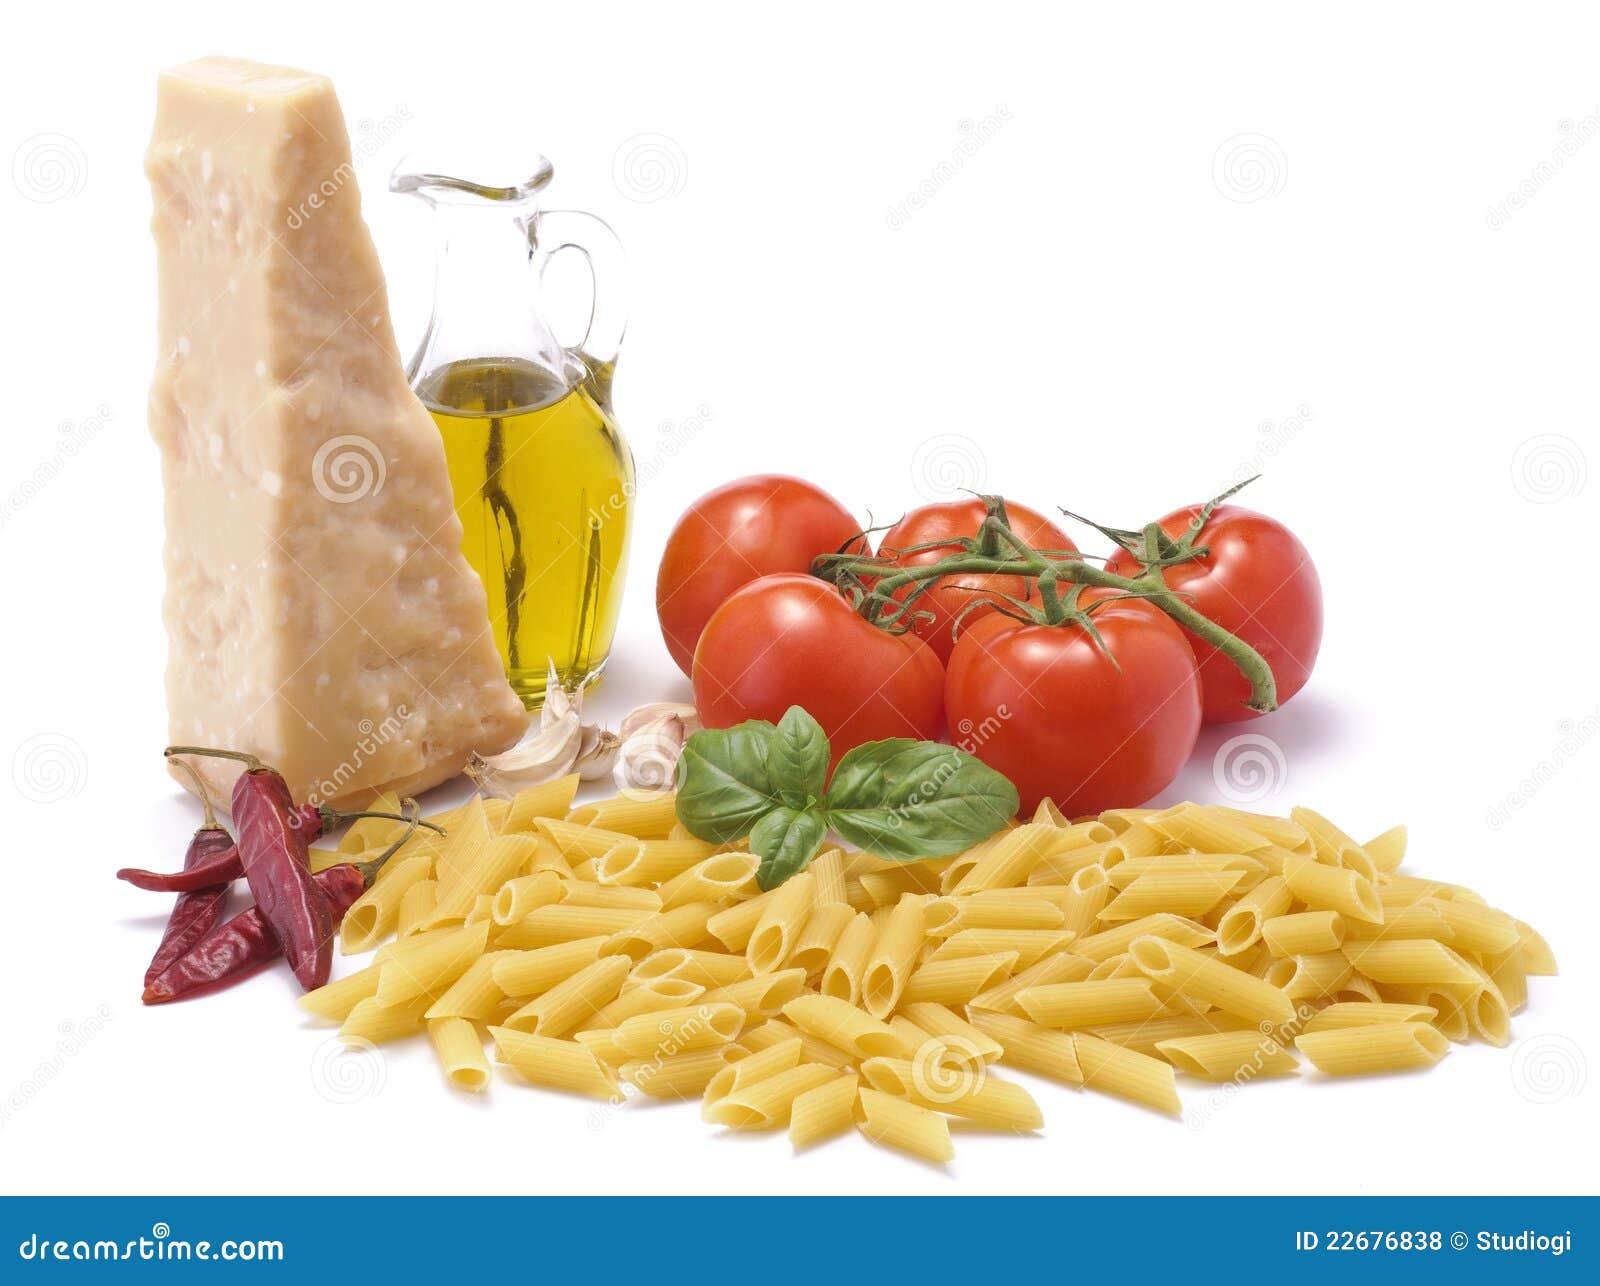 ιταλικά προϊόντα τροφίμων καλλιέργειας παραδοσιακά